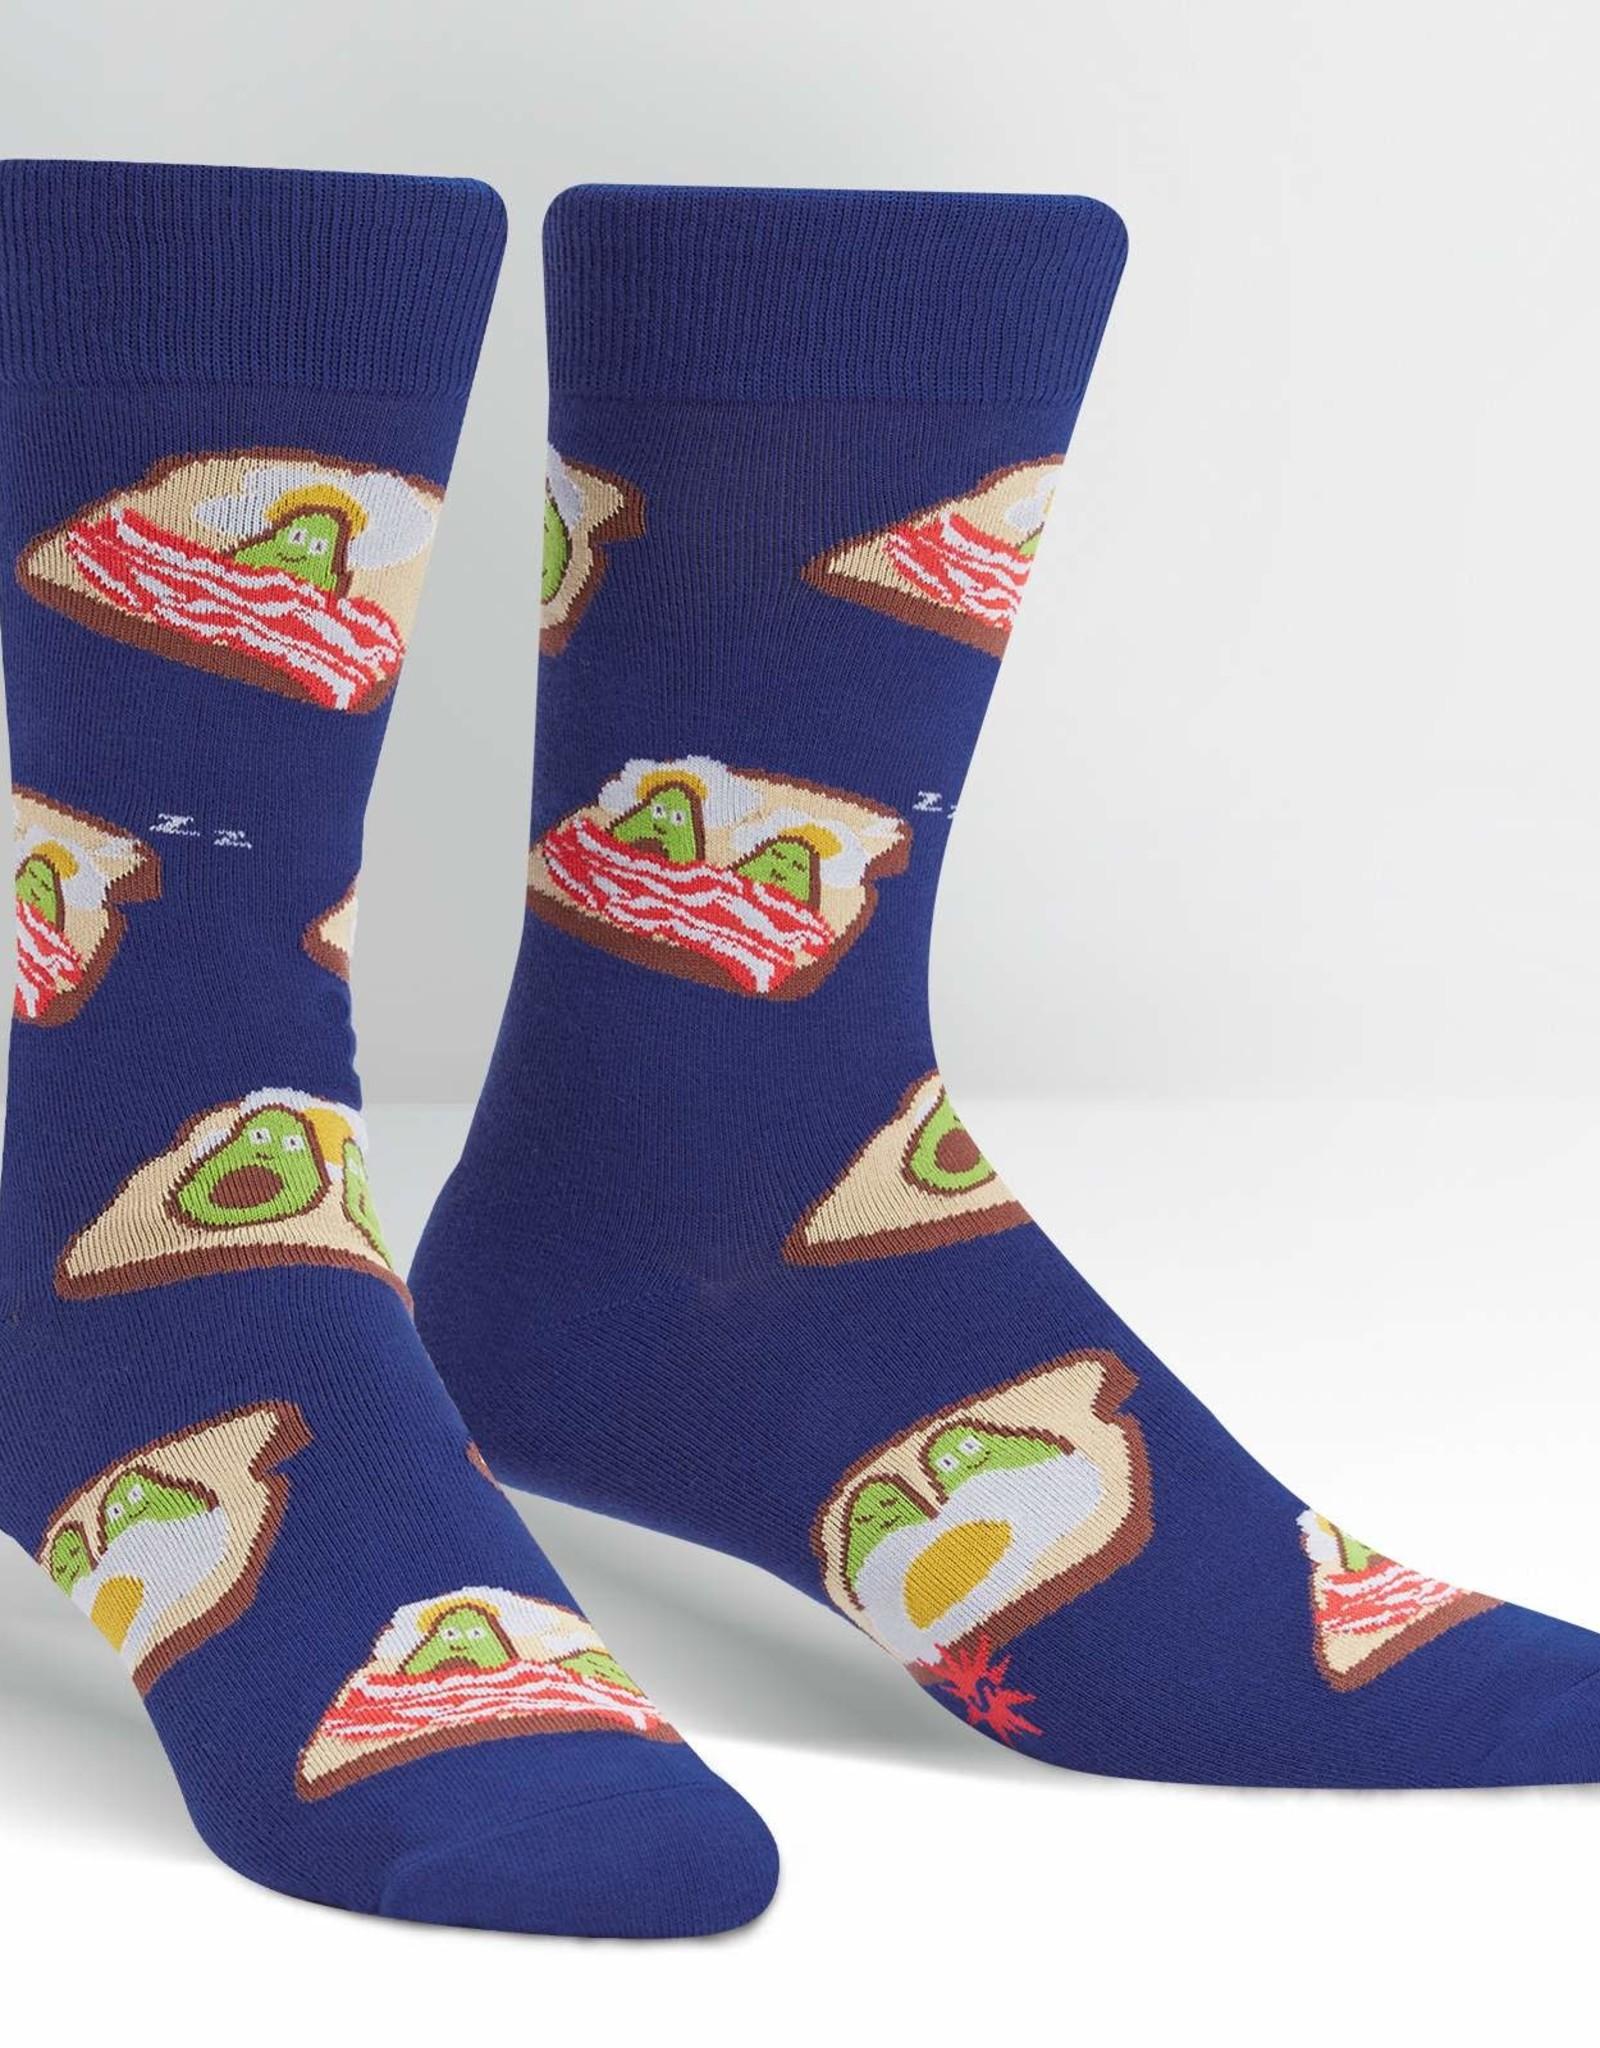 Sock It To Me MEN'S CREW: BREAKFAST IN BED